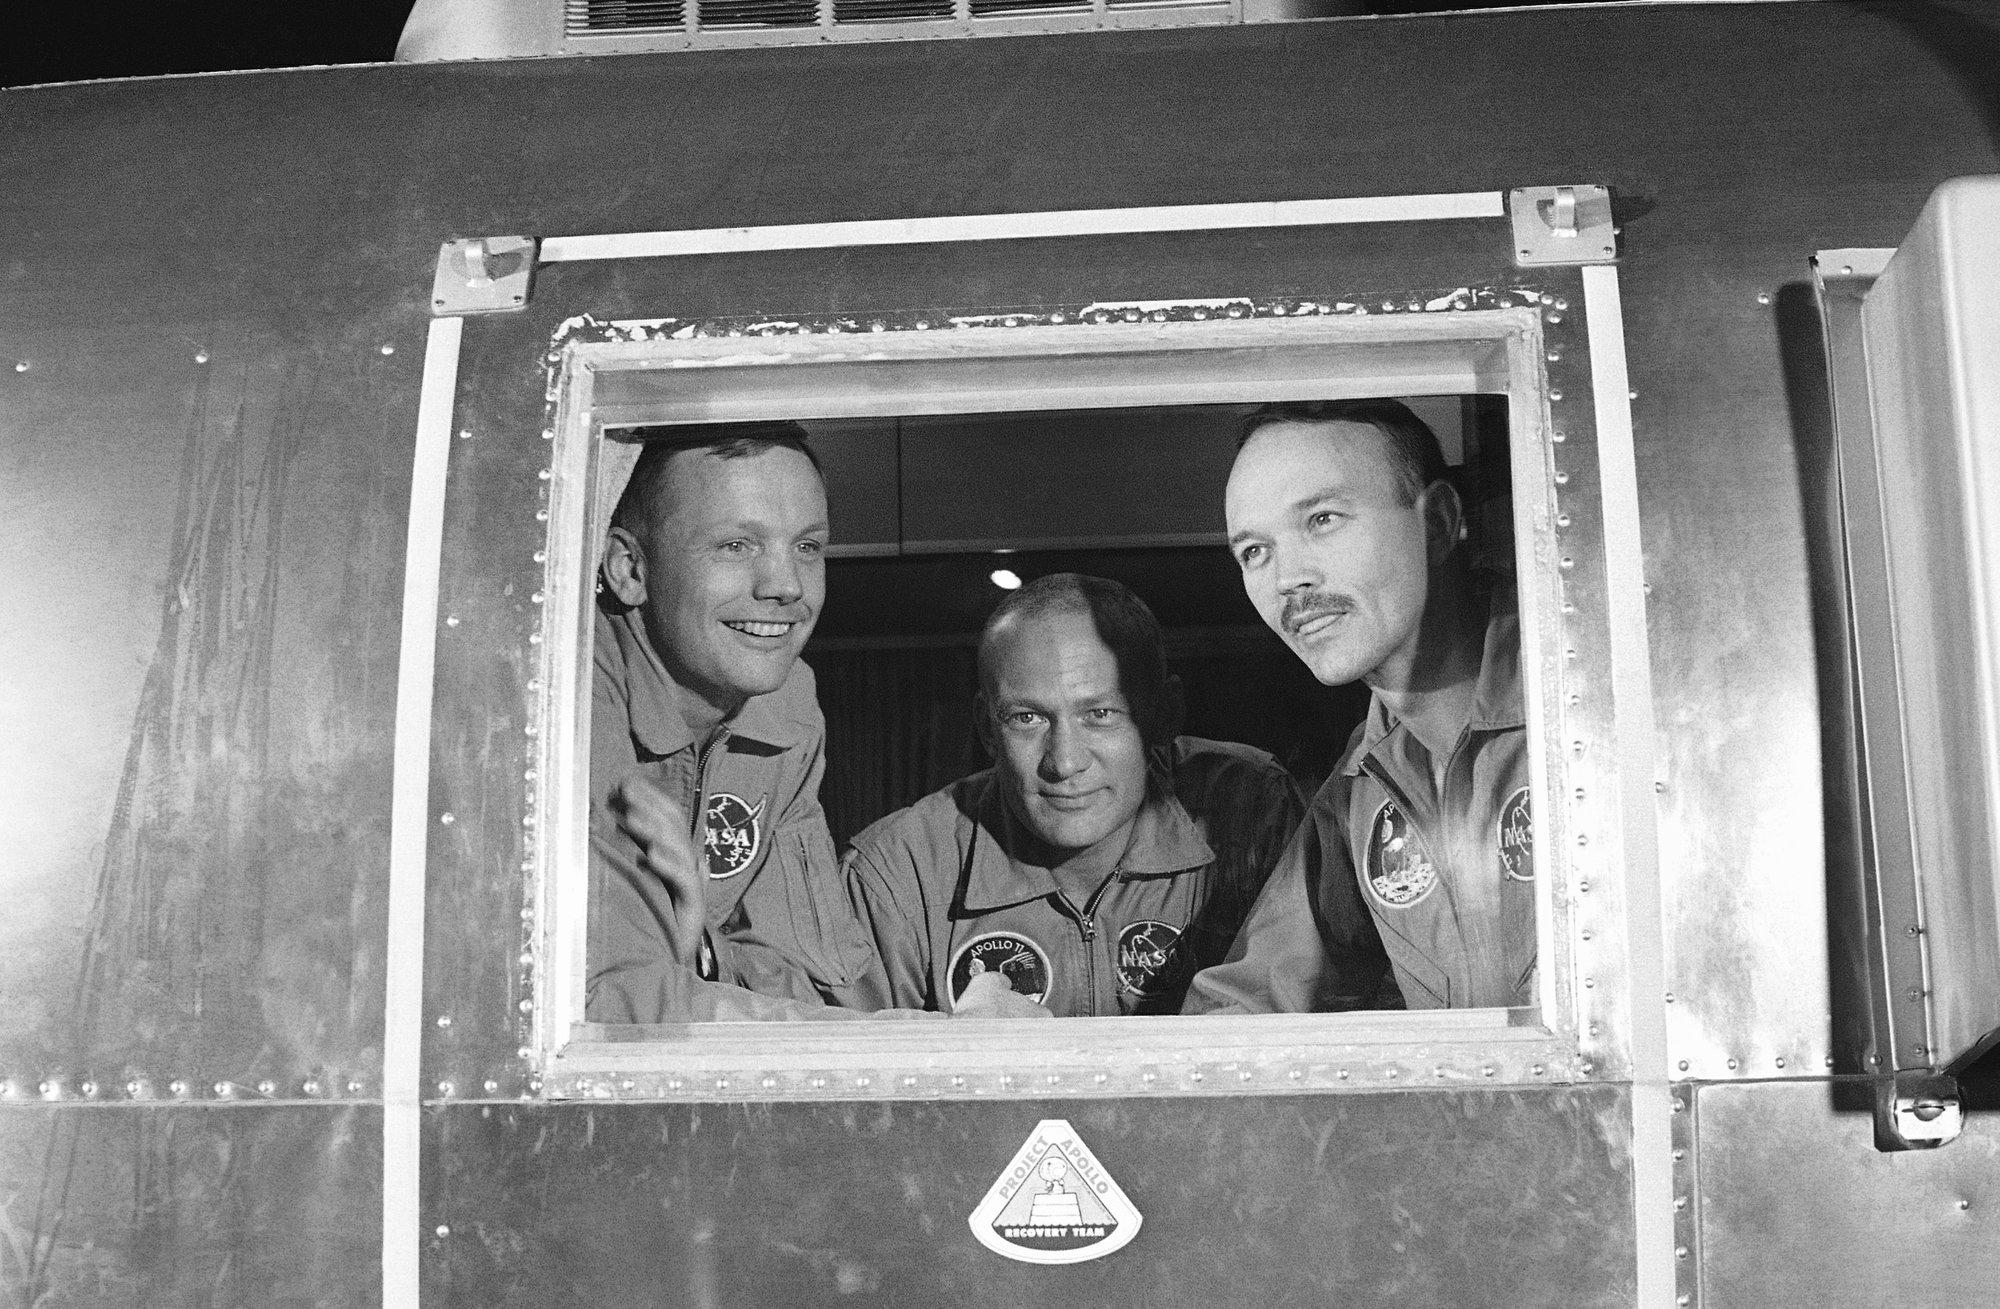 Apollo 11's 'amiable strangers' Armstrong, Aldrin, Collins